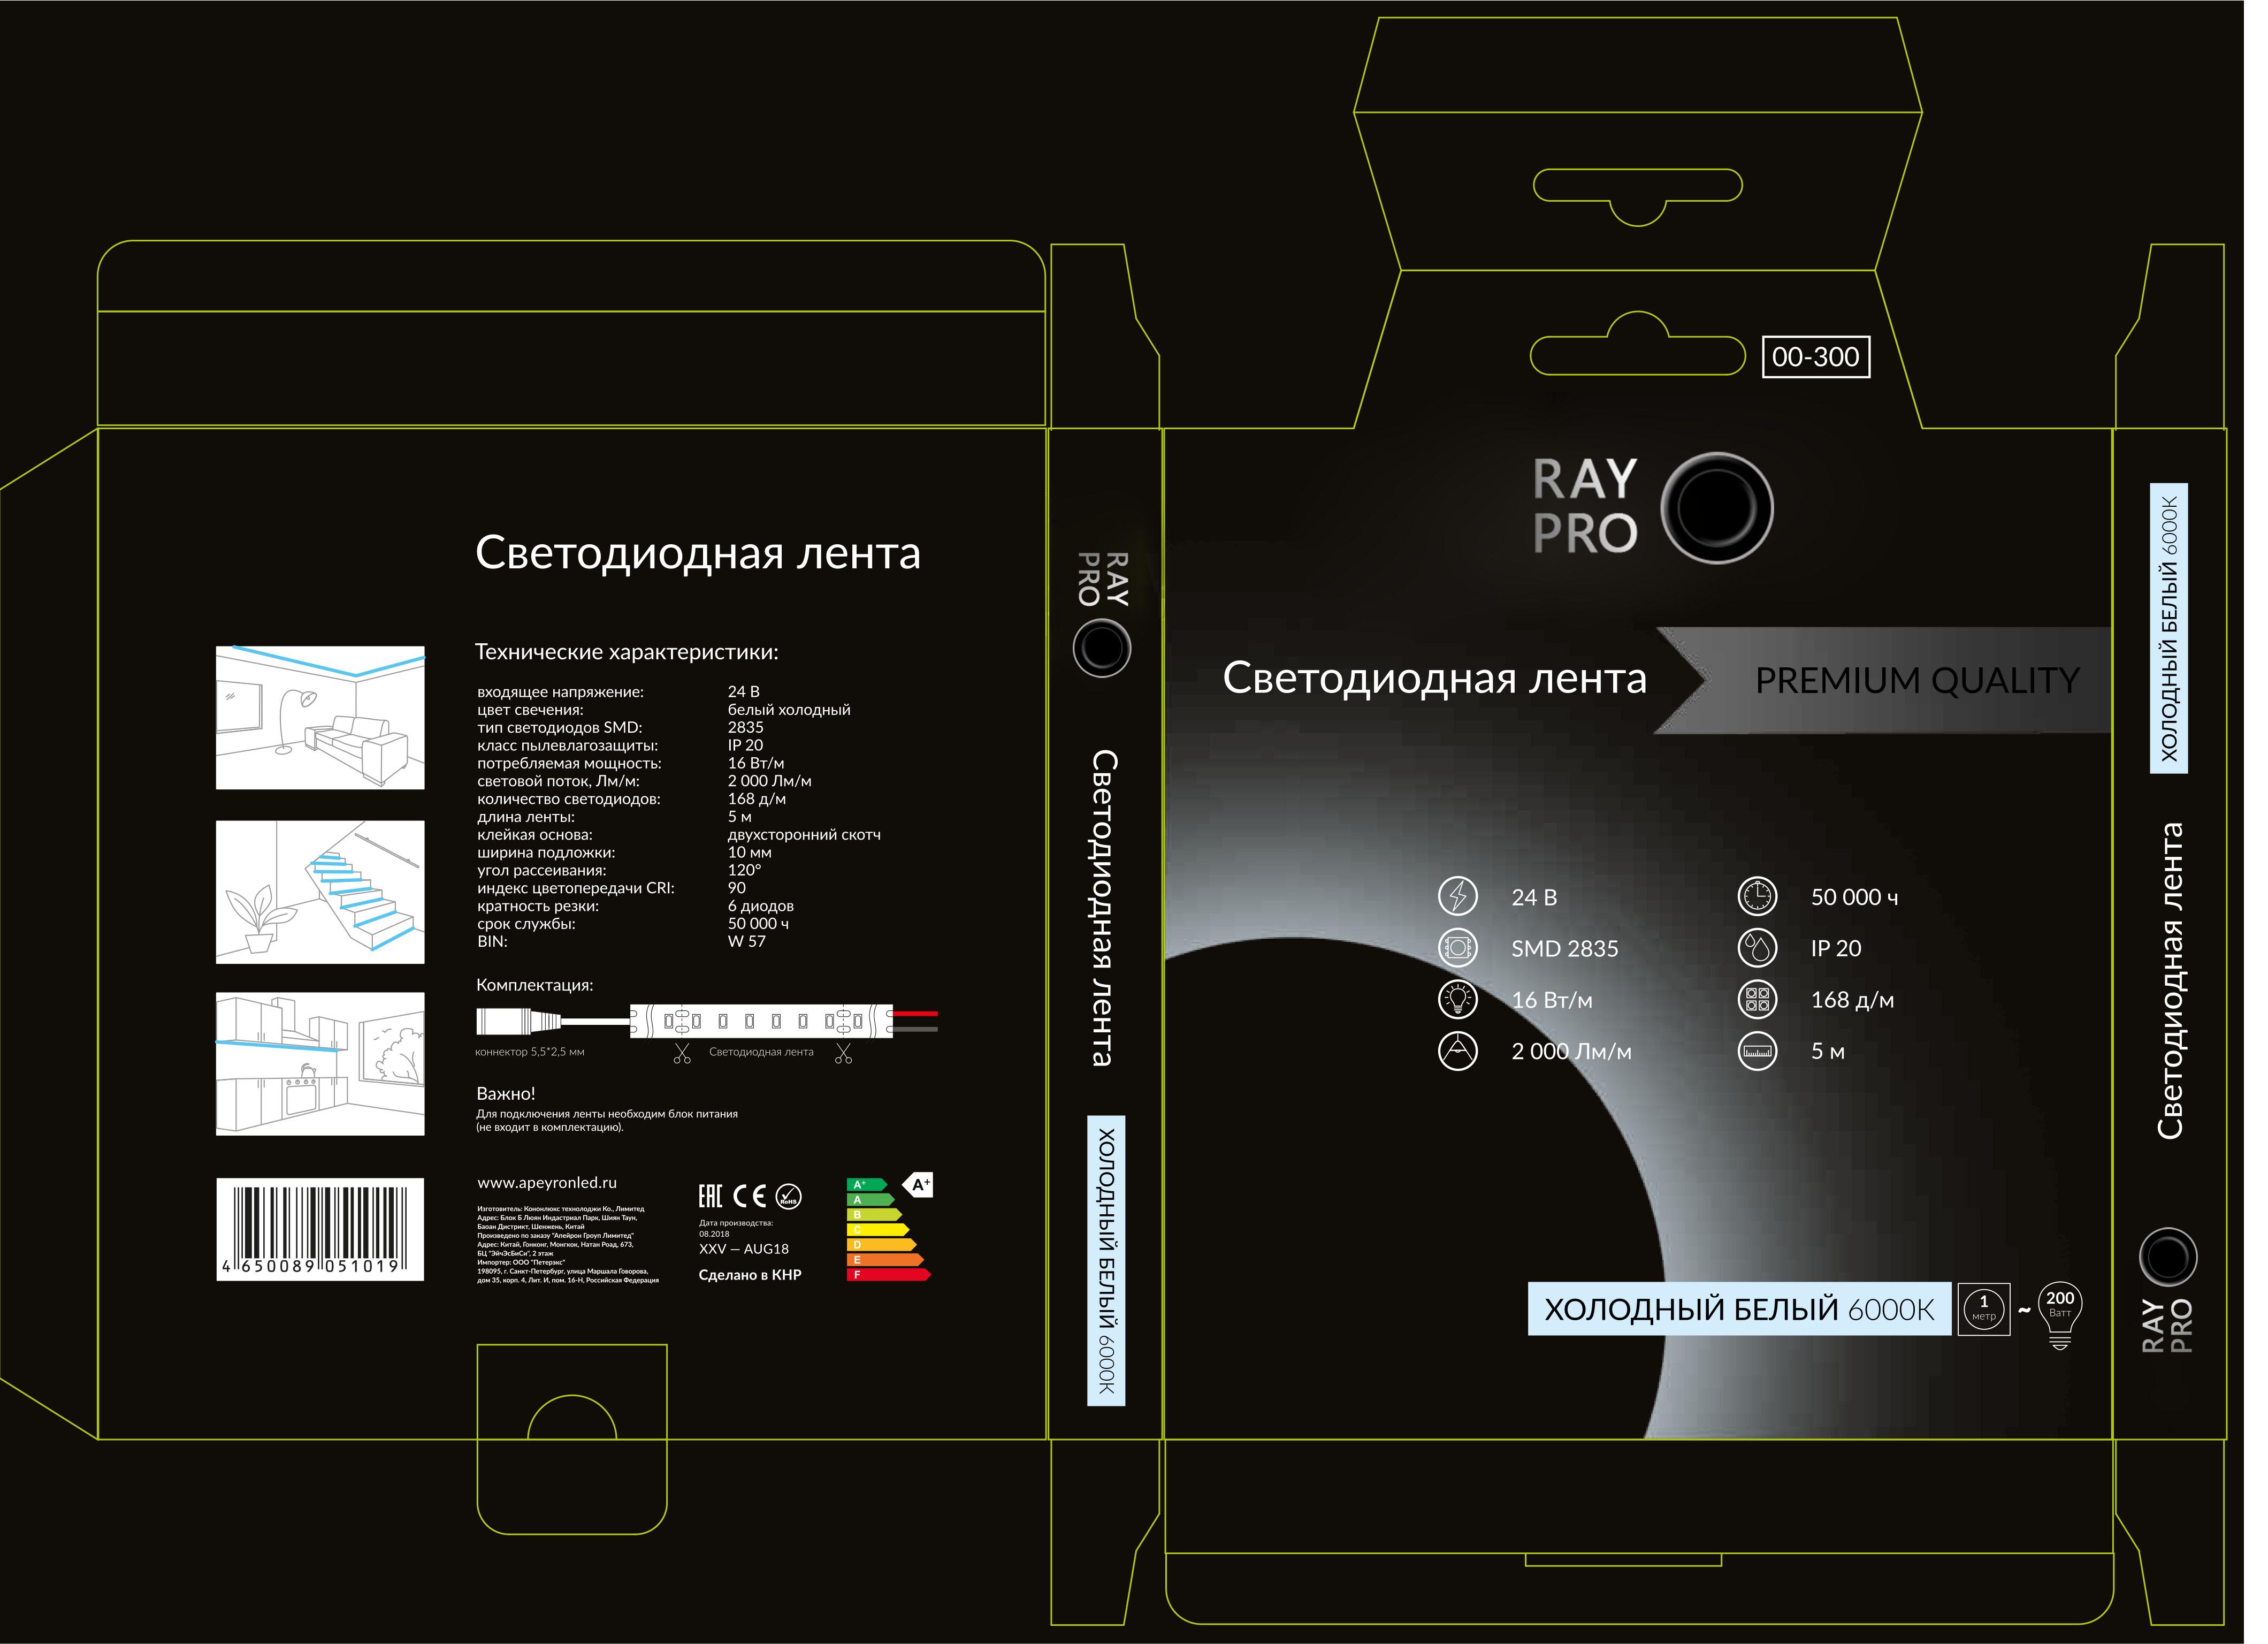 Разработка логотипа (продукт - светодиодная лента) фото f_8085bbf48a839667.jpg